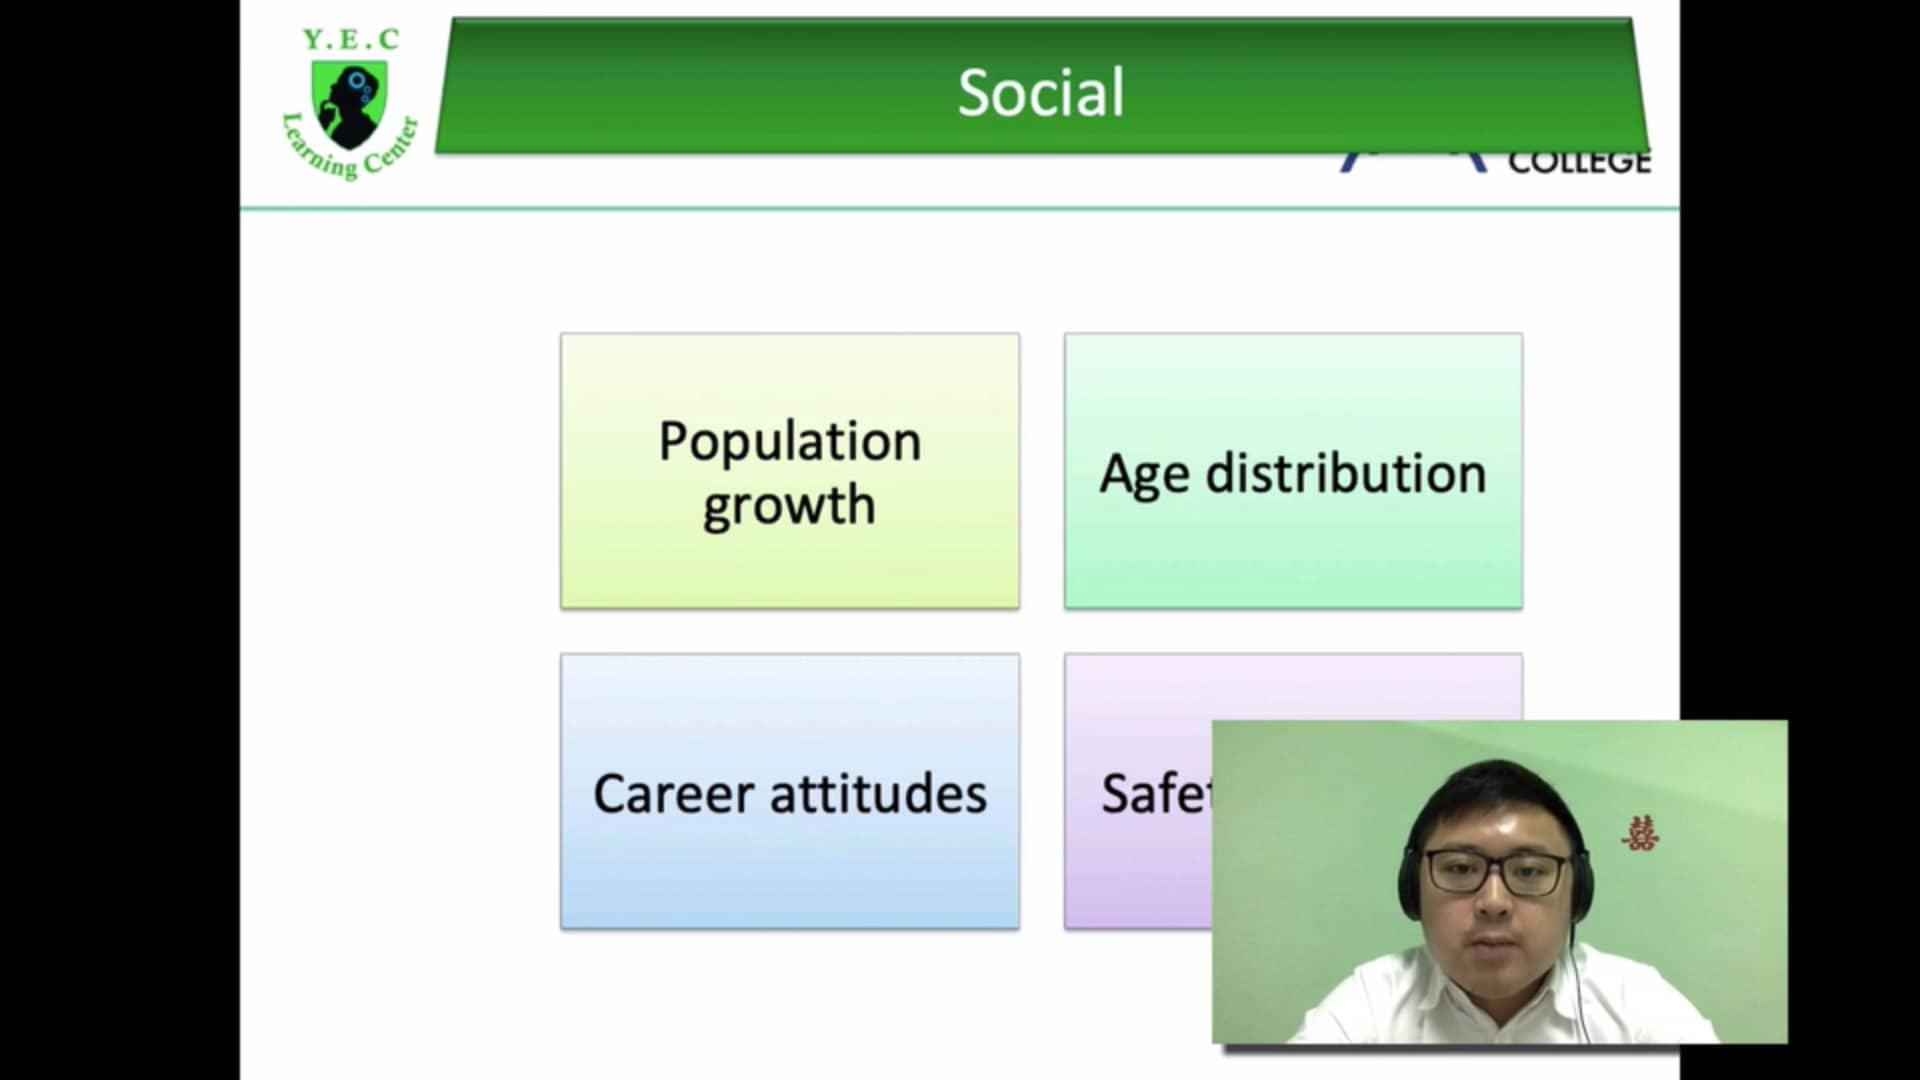 Social factors (BE 5)